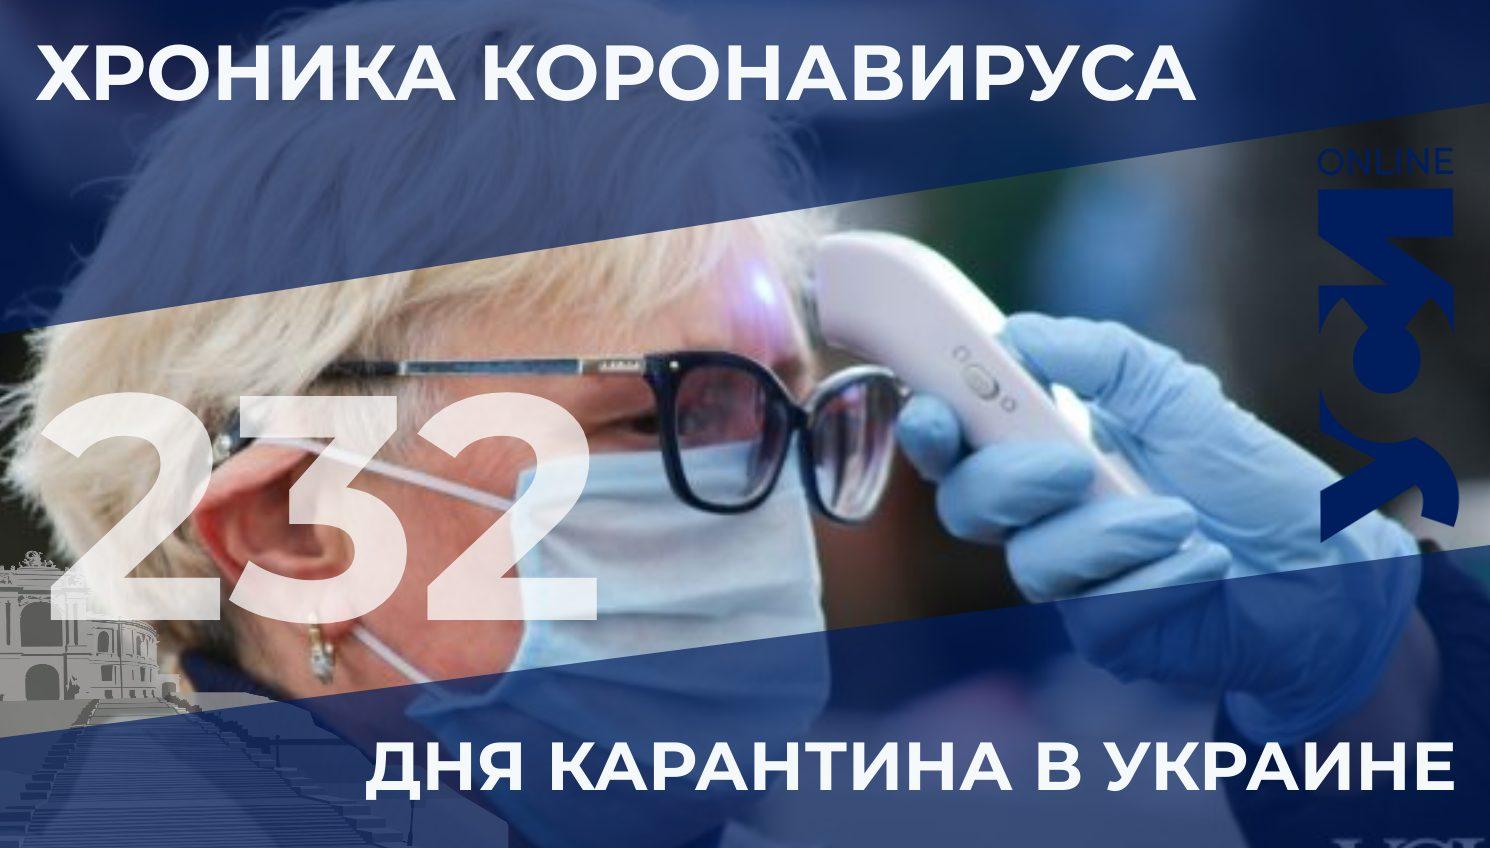 232 день карантина: новый антирекорд, более 8300 больных в Украине «фото»